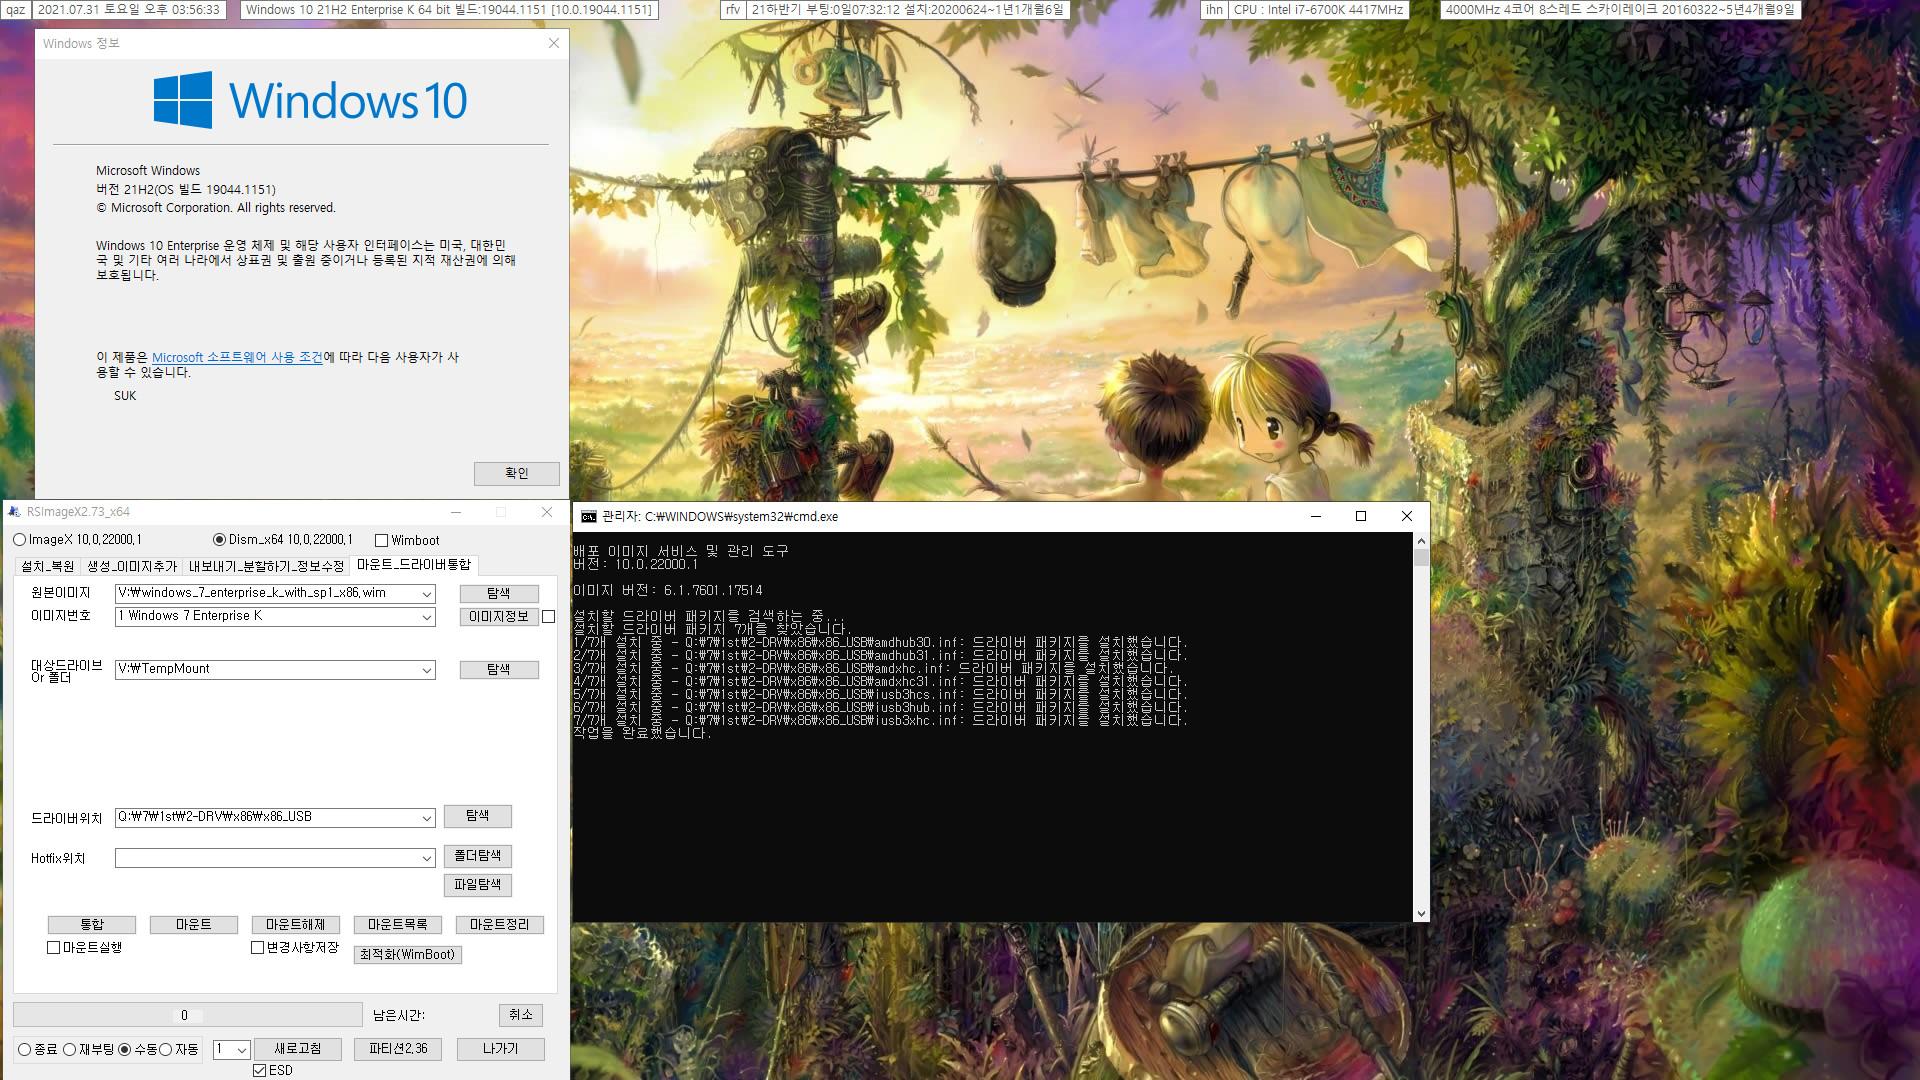 RSImageX로 Windows 7 32비트 install.wim에 드라이버 통합 잘 되네요 2021-07-31_155633.jpg